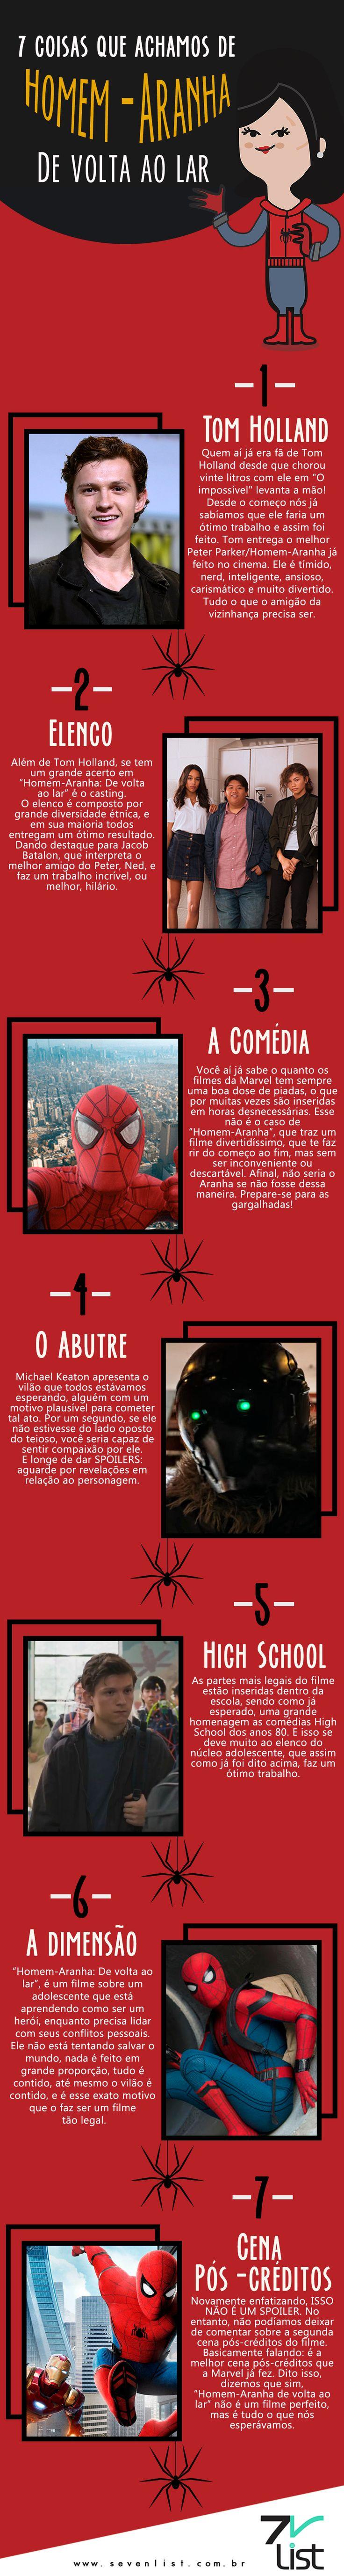 Começaremos com uma pergunta: Tem como não ter expectativa com um filme do super-herói mais legal de todos os tempos? (Na nossa humilde opinião) Com certeza não. Encaramos uma pré-estreia na madrugada para trazer esse post o mais rápido possível para você. Confira 7 coisas que achamos de Homem-Aranha: De volta ao lar. #Sevenlist #Infográfico #Filme #Marvel #Heróis #Homemaranha #Cinema #HQ #Quadrinhos #Spiderman